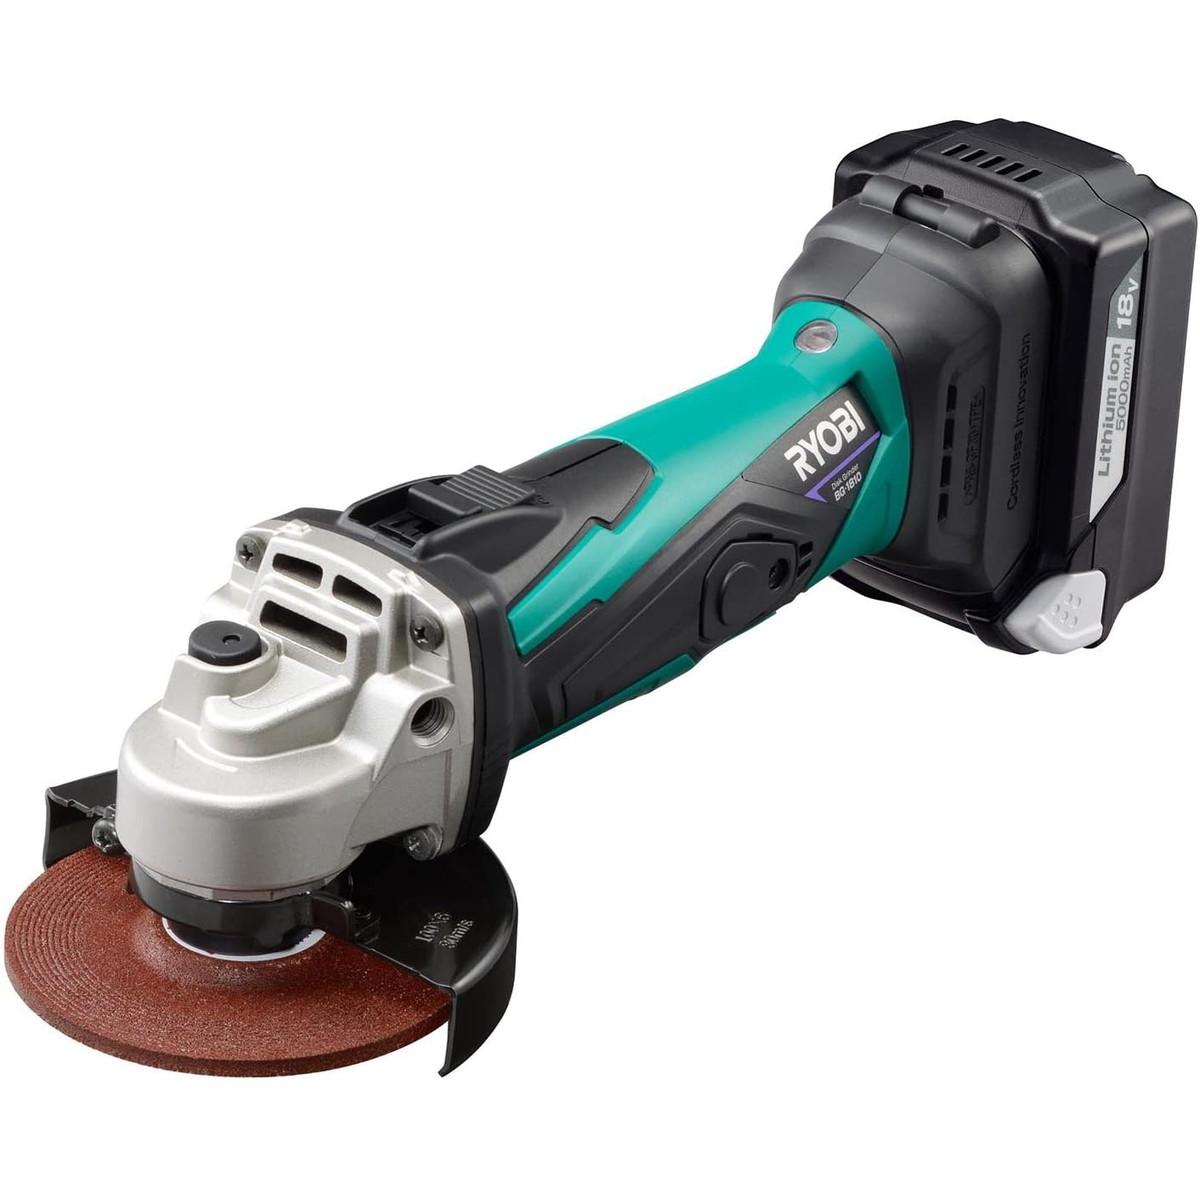 リョービ/Ryobi (AAEWE) 充電式ディスクグラインダ BG-1810L5 623409B 電池パック・充電器付